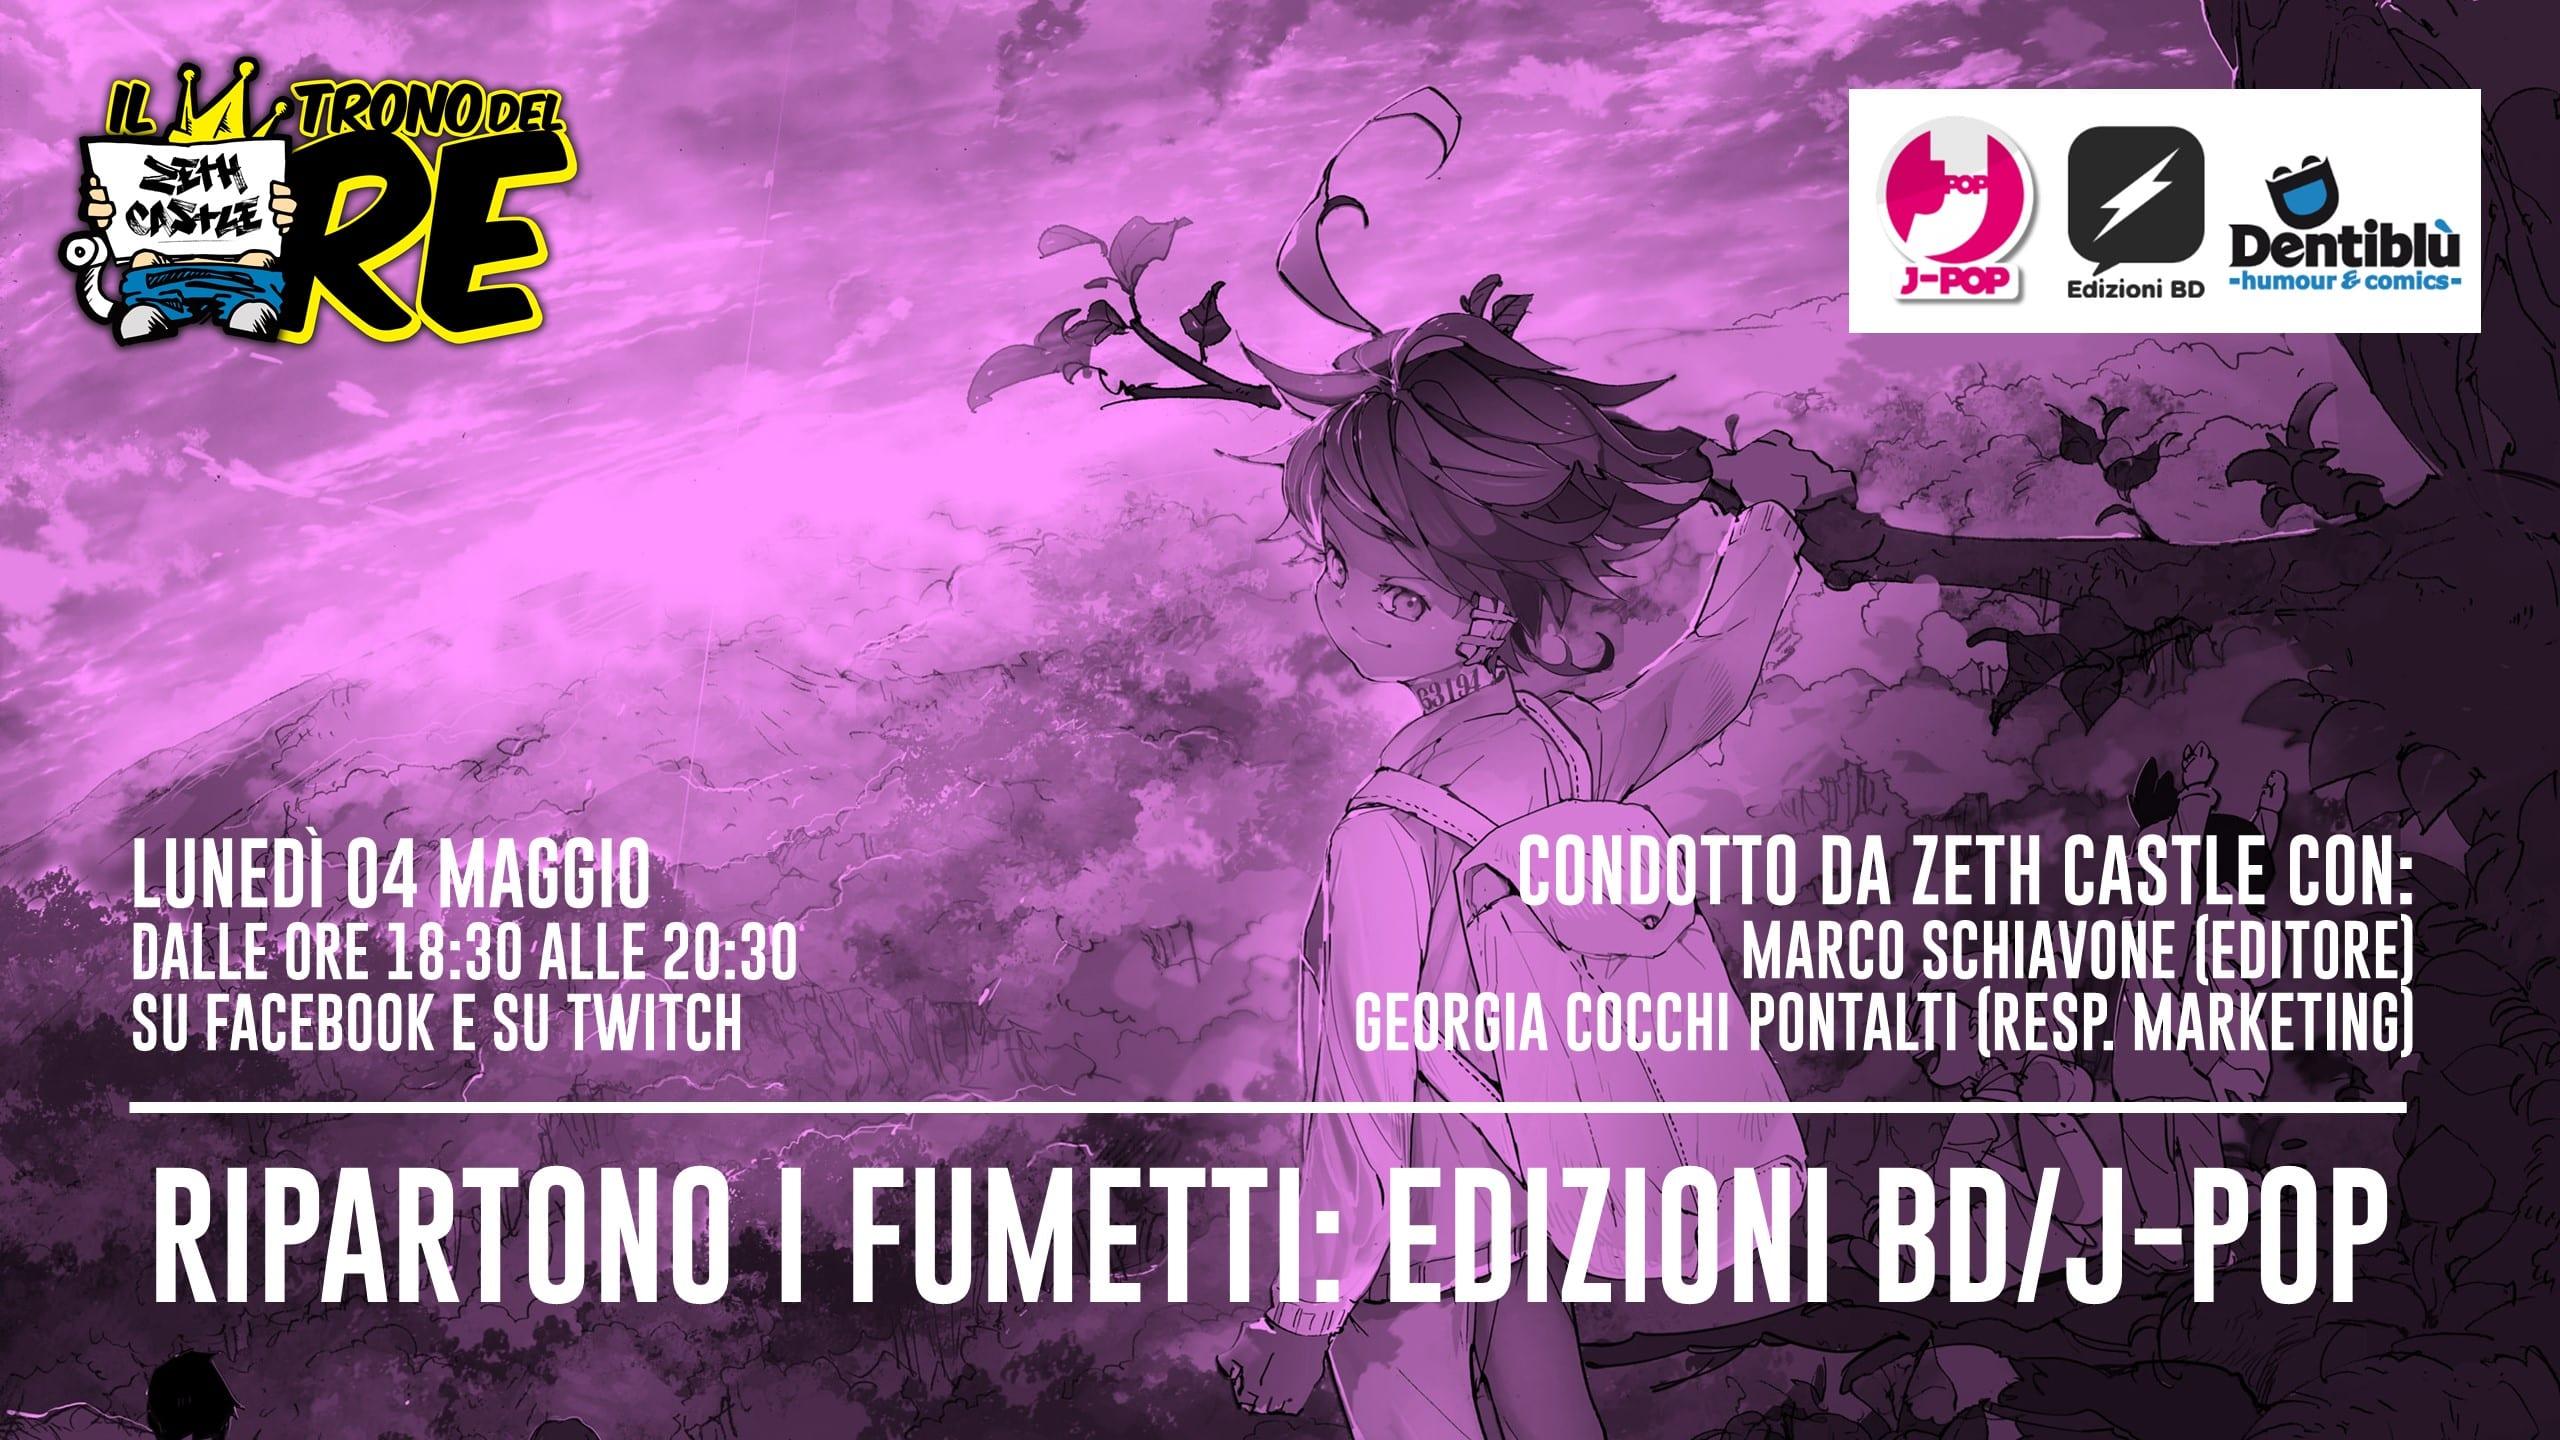 Il Trono del Re: ospite J-Pop Manga, Edizioni BD, Edizioni Dentiblù